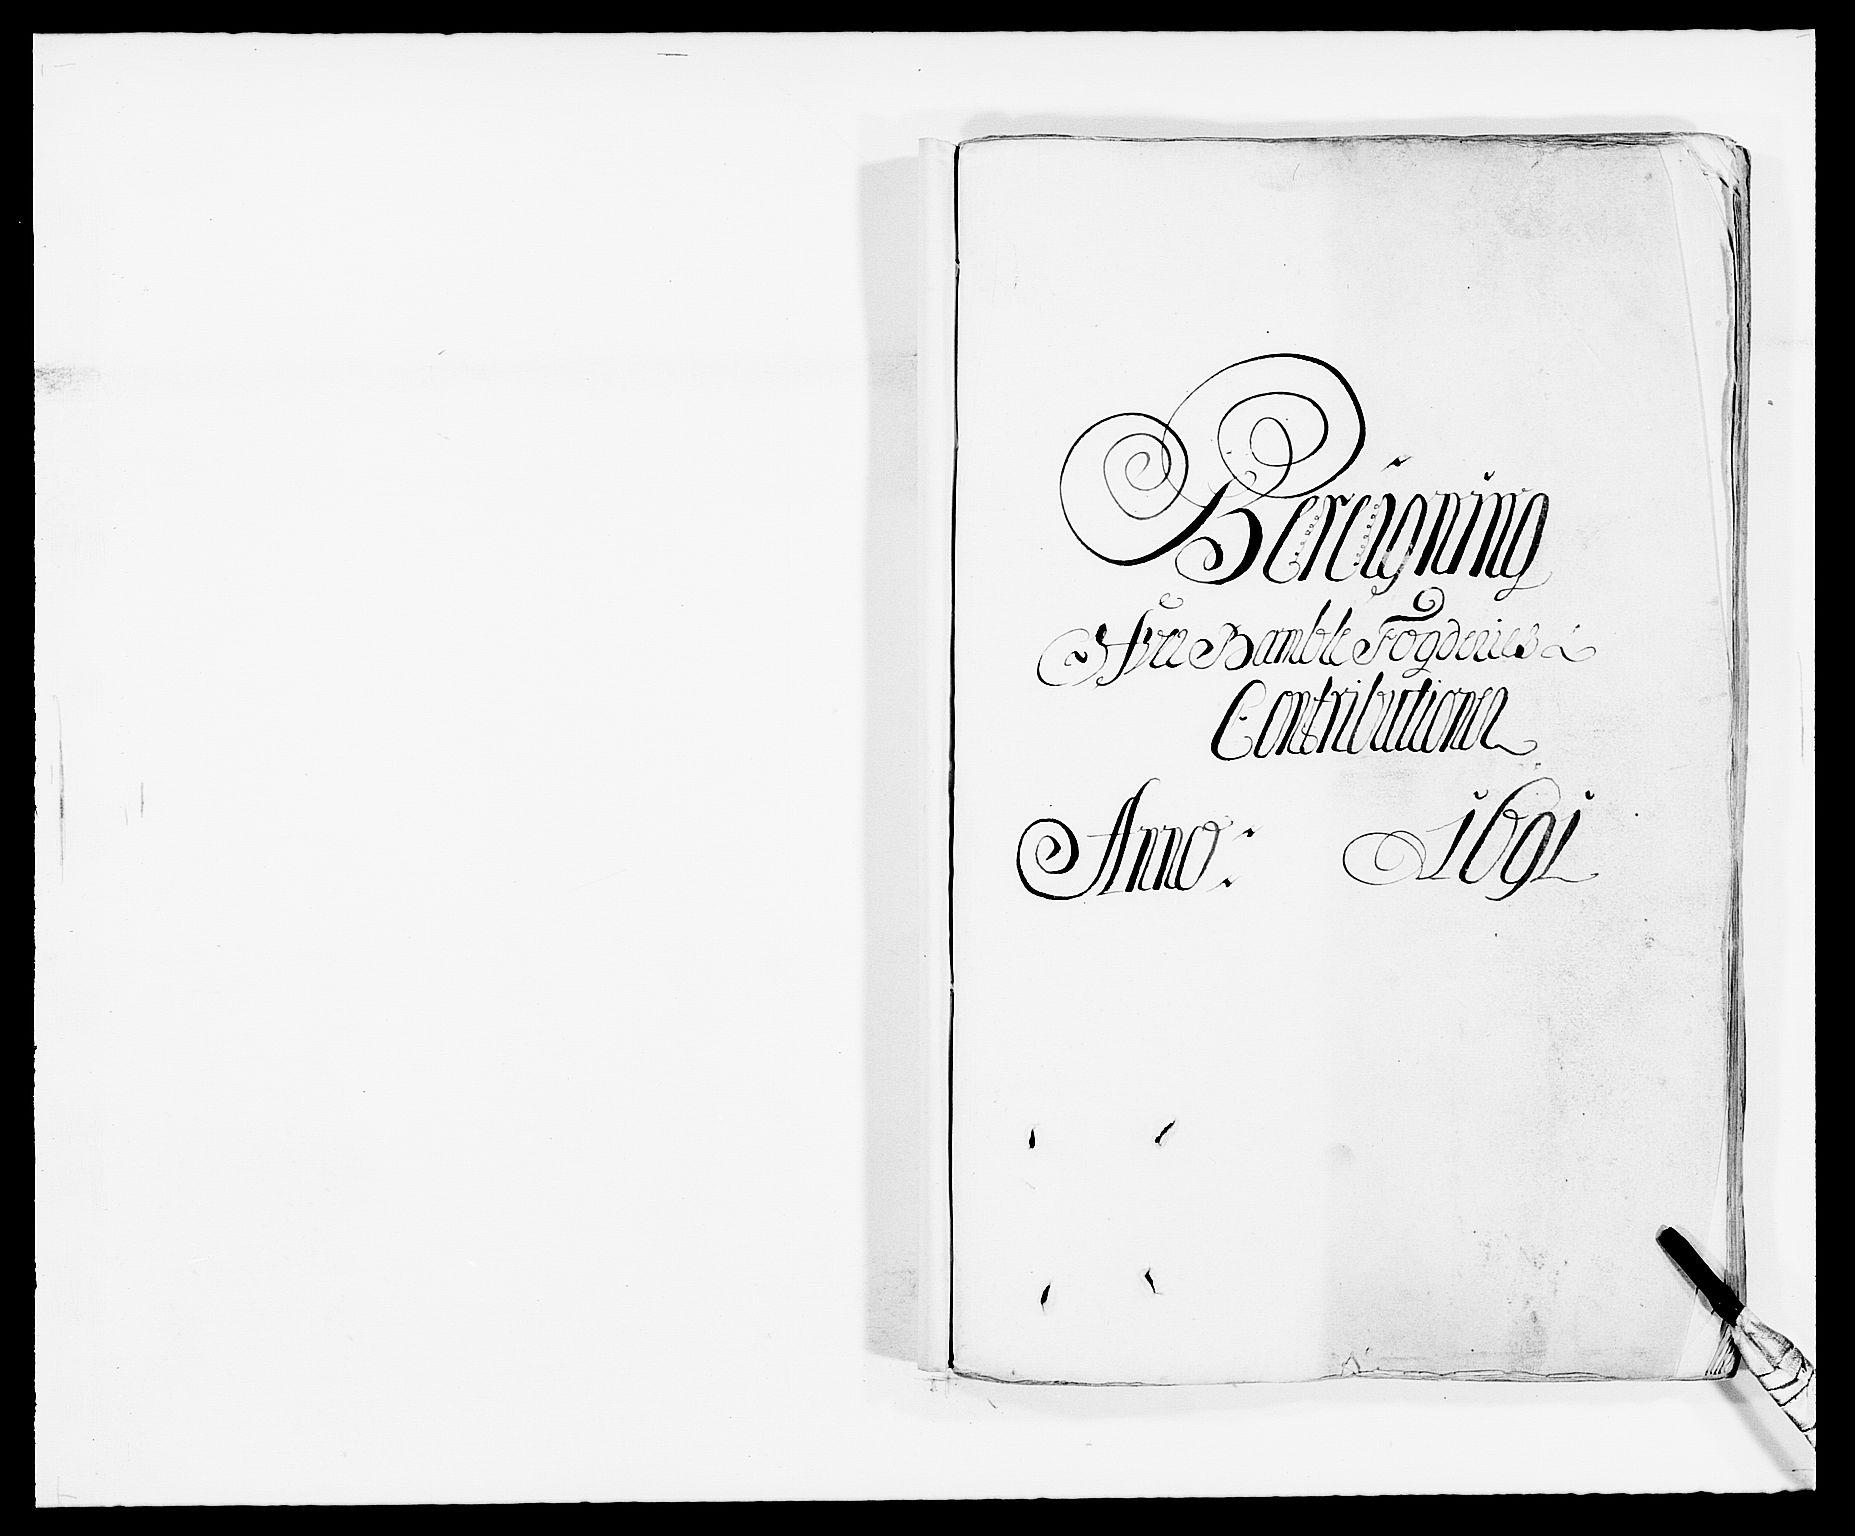 RA, Rentekammeret inntil 1814, Reviderte regnskaper, Fogderegnskap, R34/L2051: Fogderegnskap Bamble, 1688-1691, s. 308